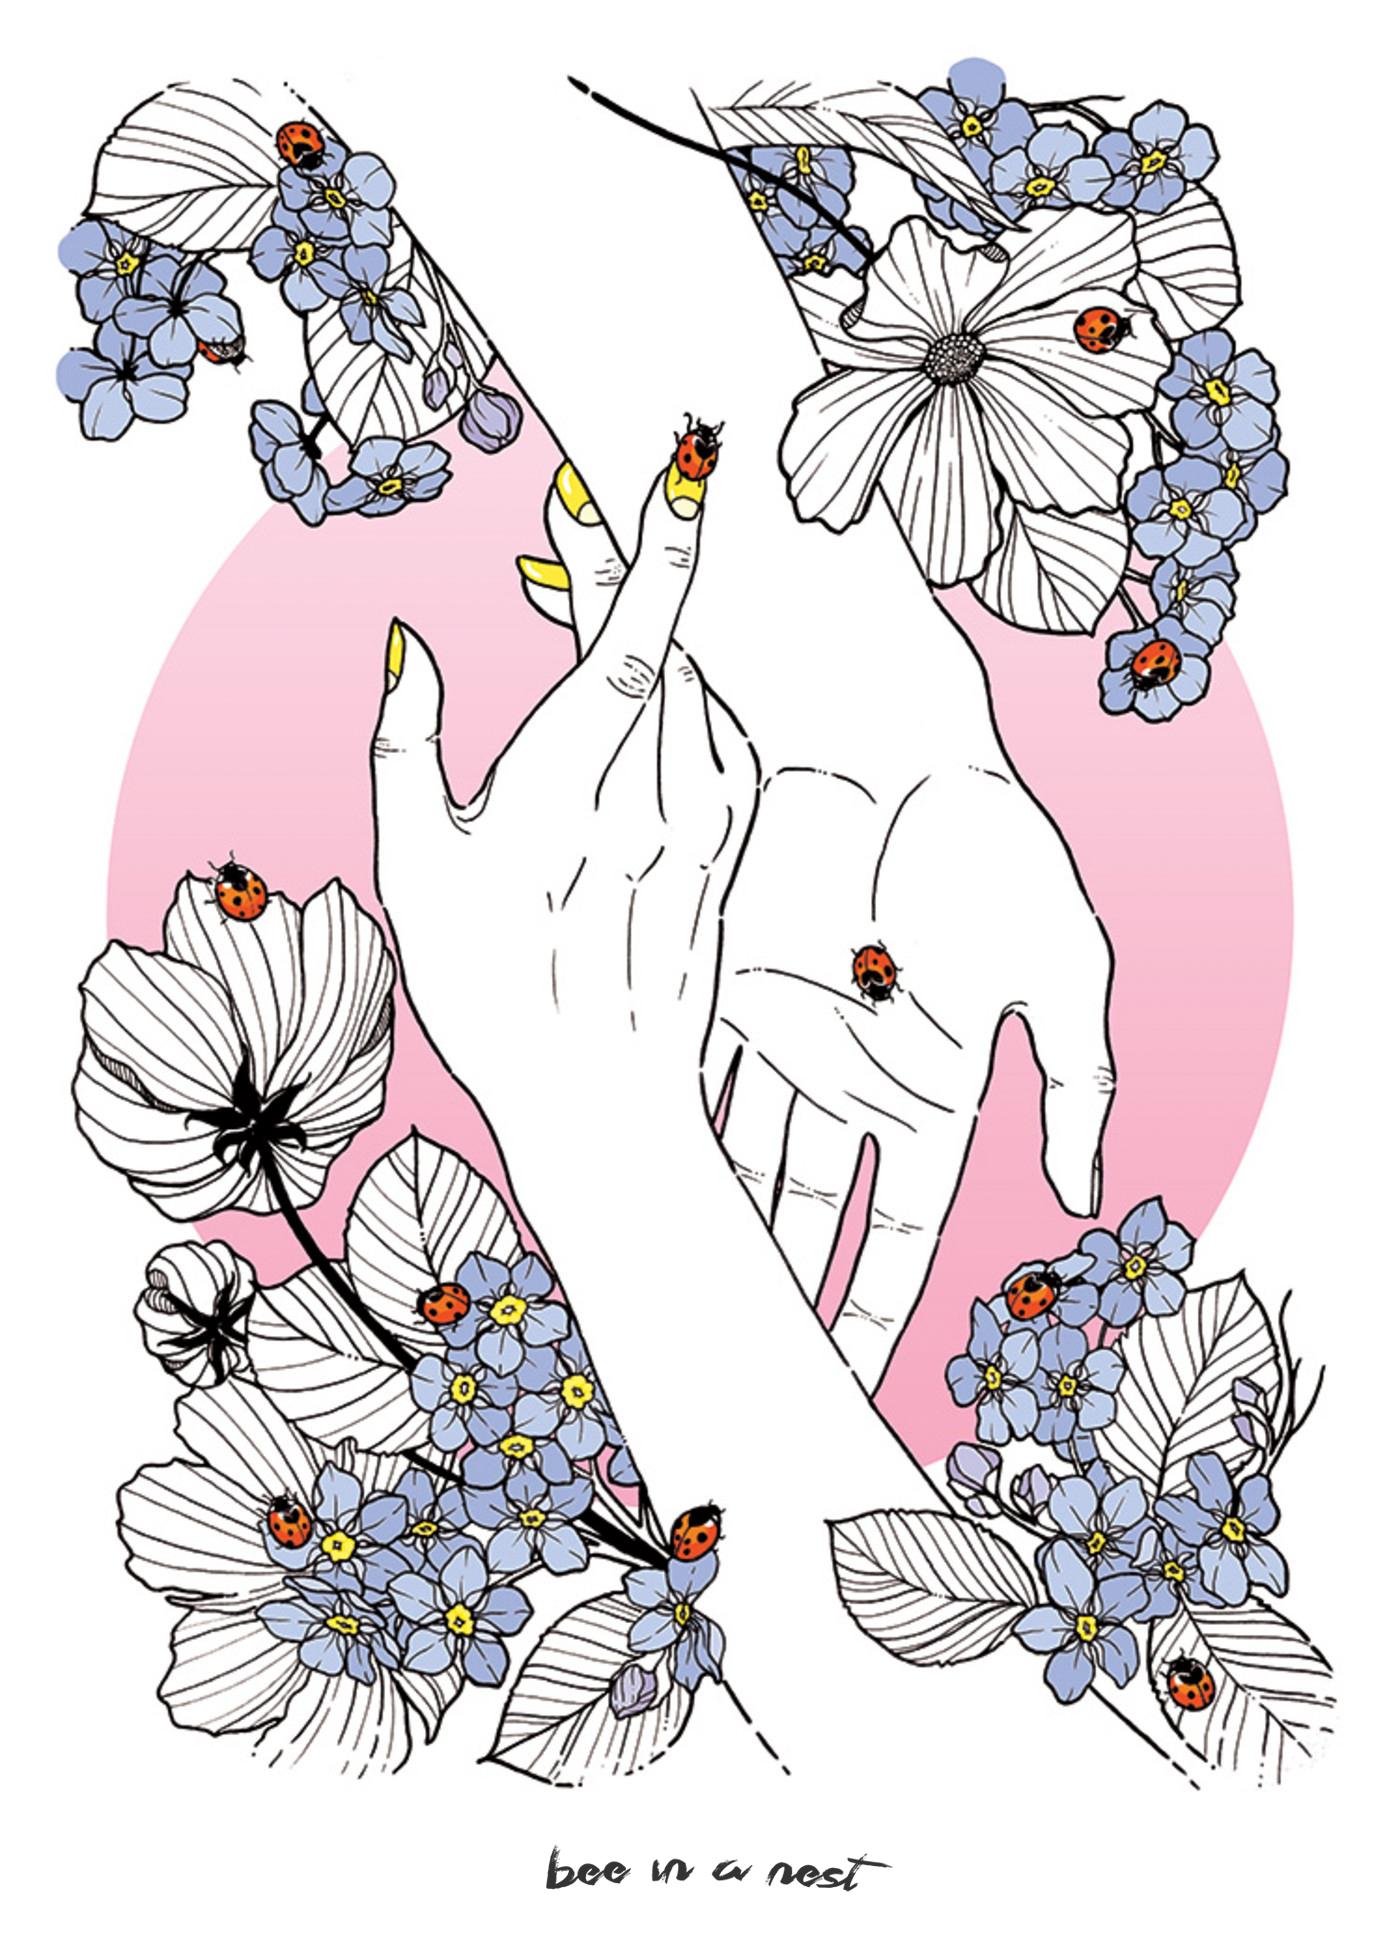 Voglio fare con te ciò che la primavera fa con i ciliegi. - Tratto dalla poesia